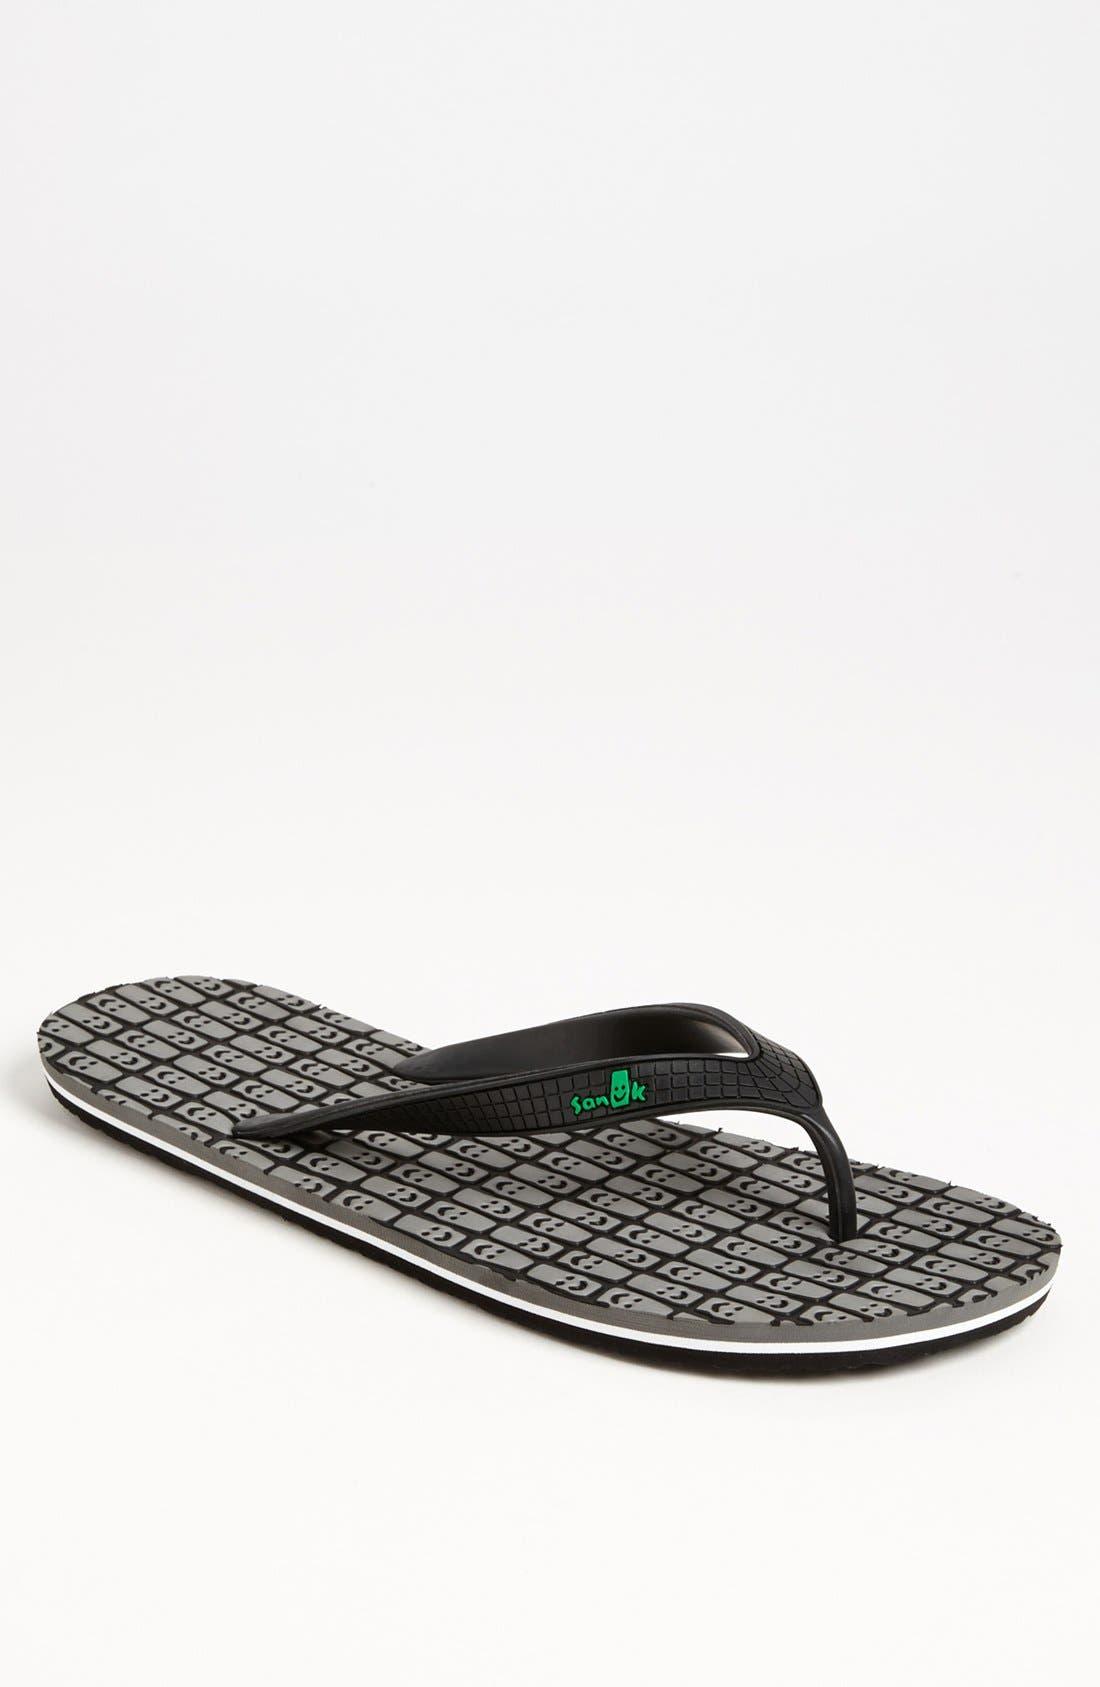 Main Image - Sanuk 'Tiki' Flip Flop (Men)